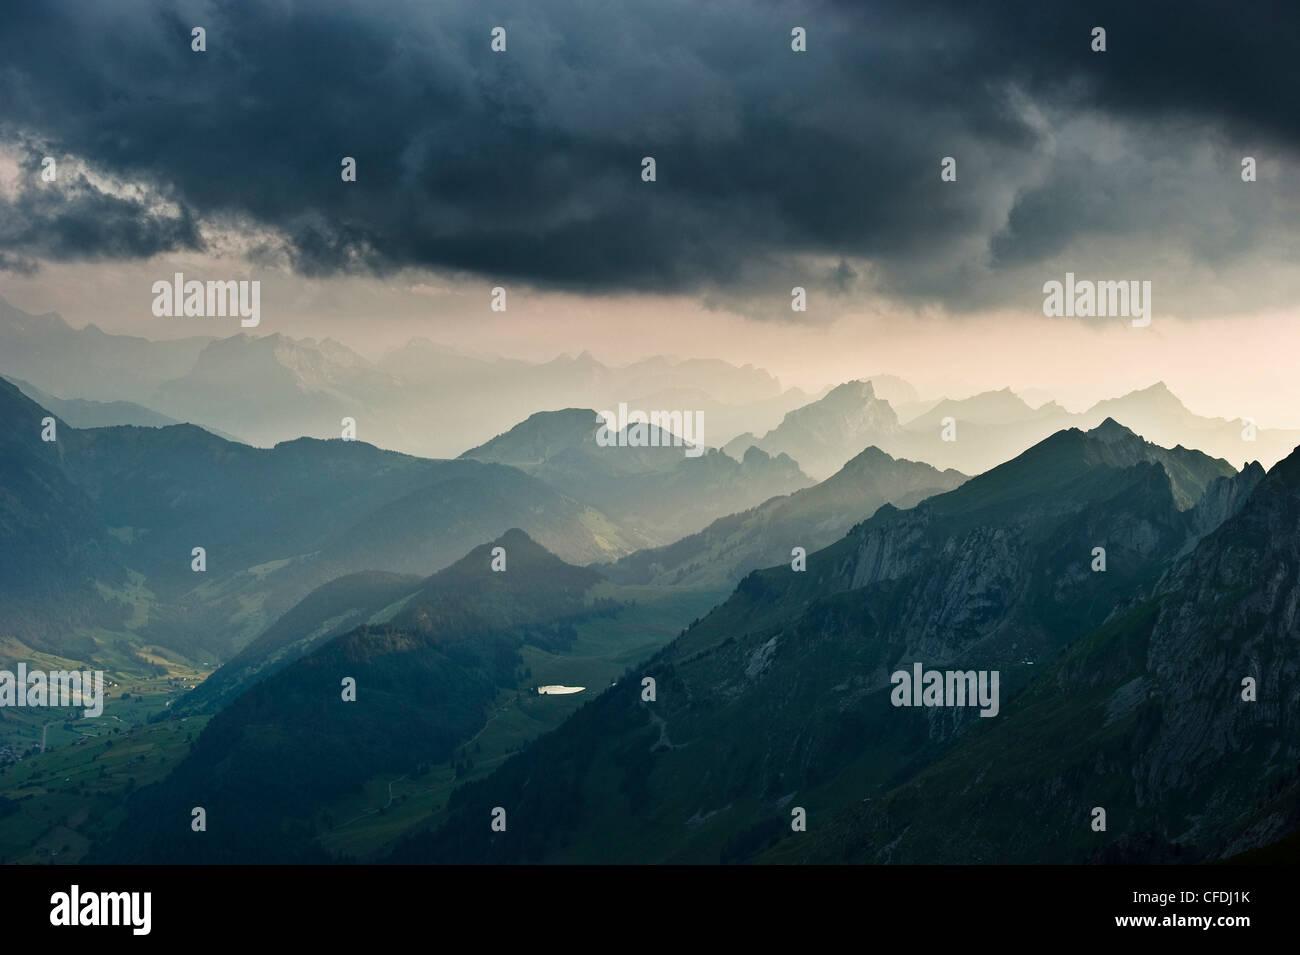 Säntis beim Sonnenuntergang, Alpsteingebirge, Säntis, Appenzeller Land, Schweiz, Europa Stockbild